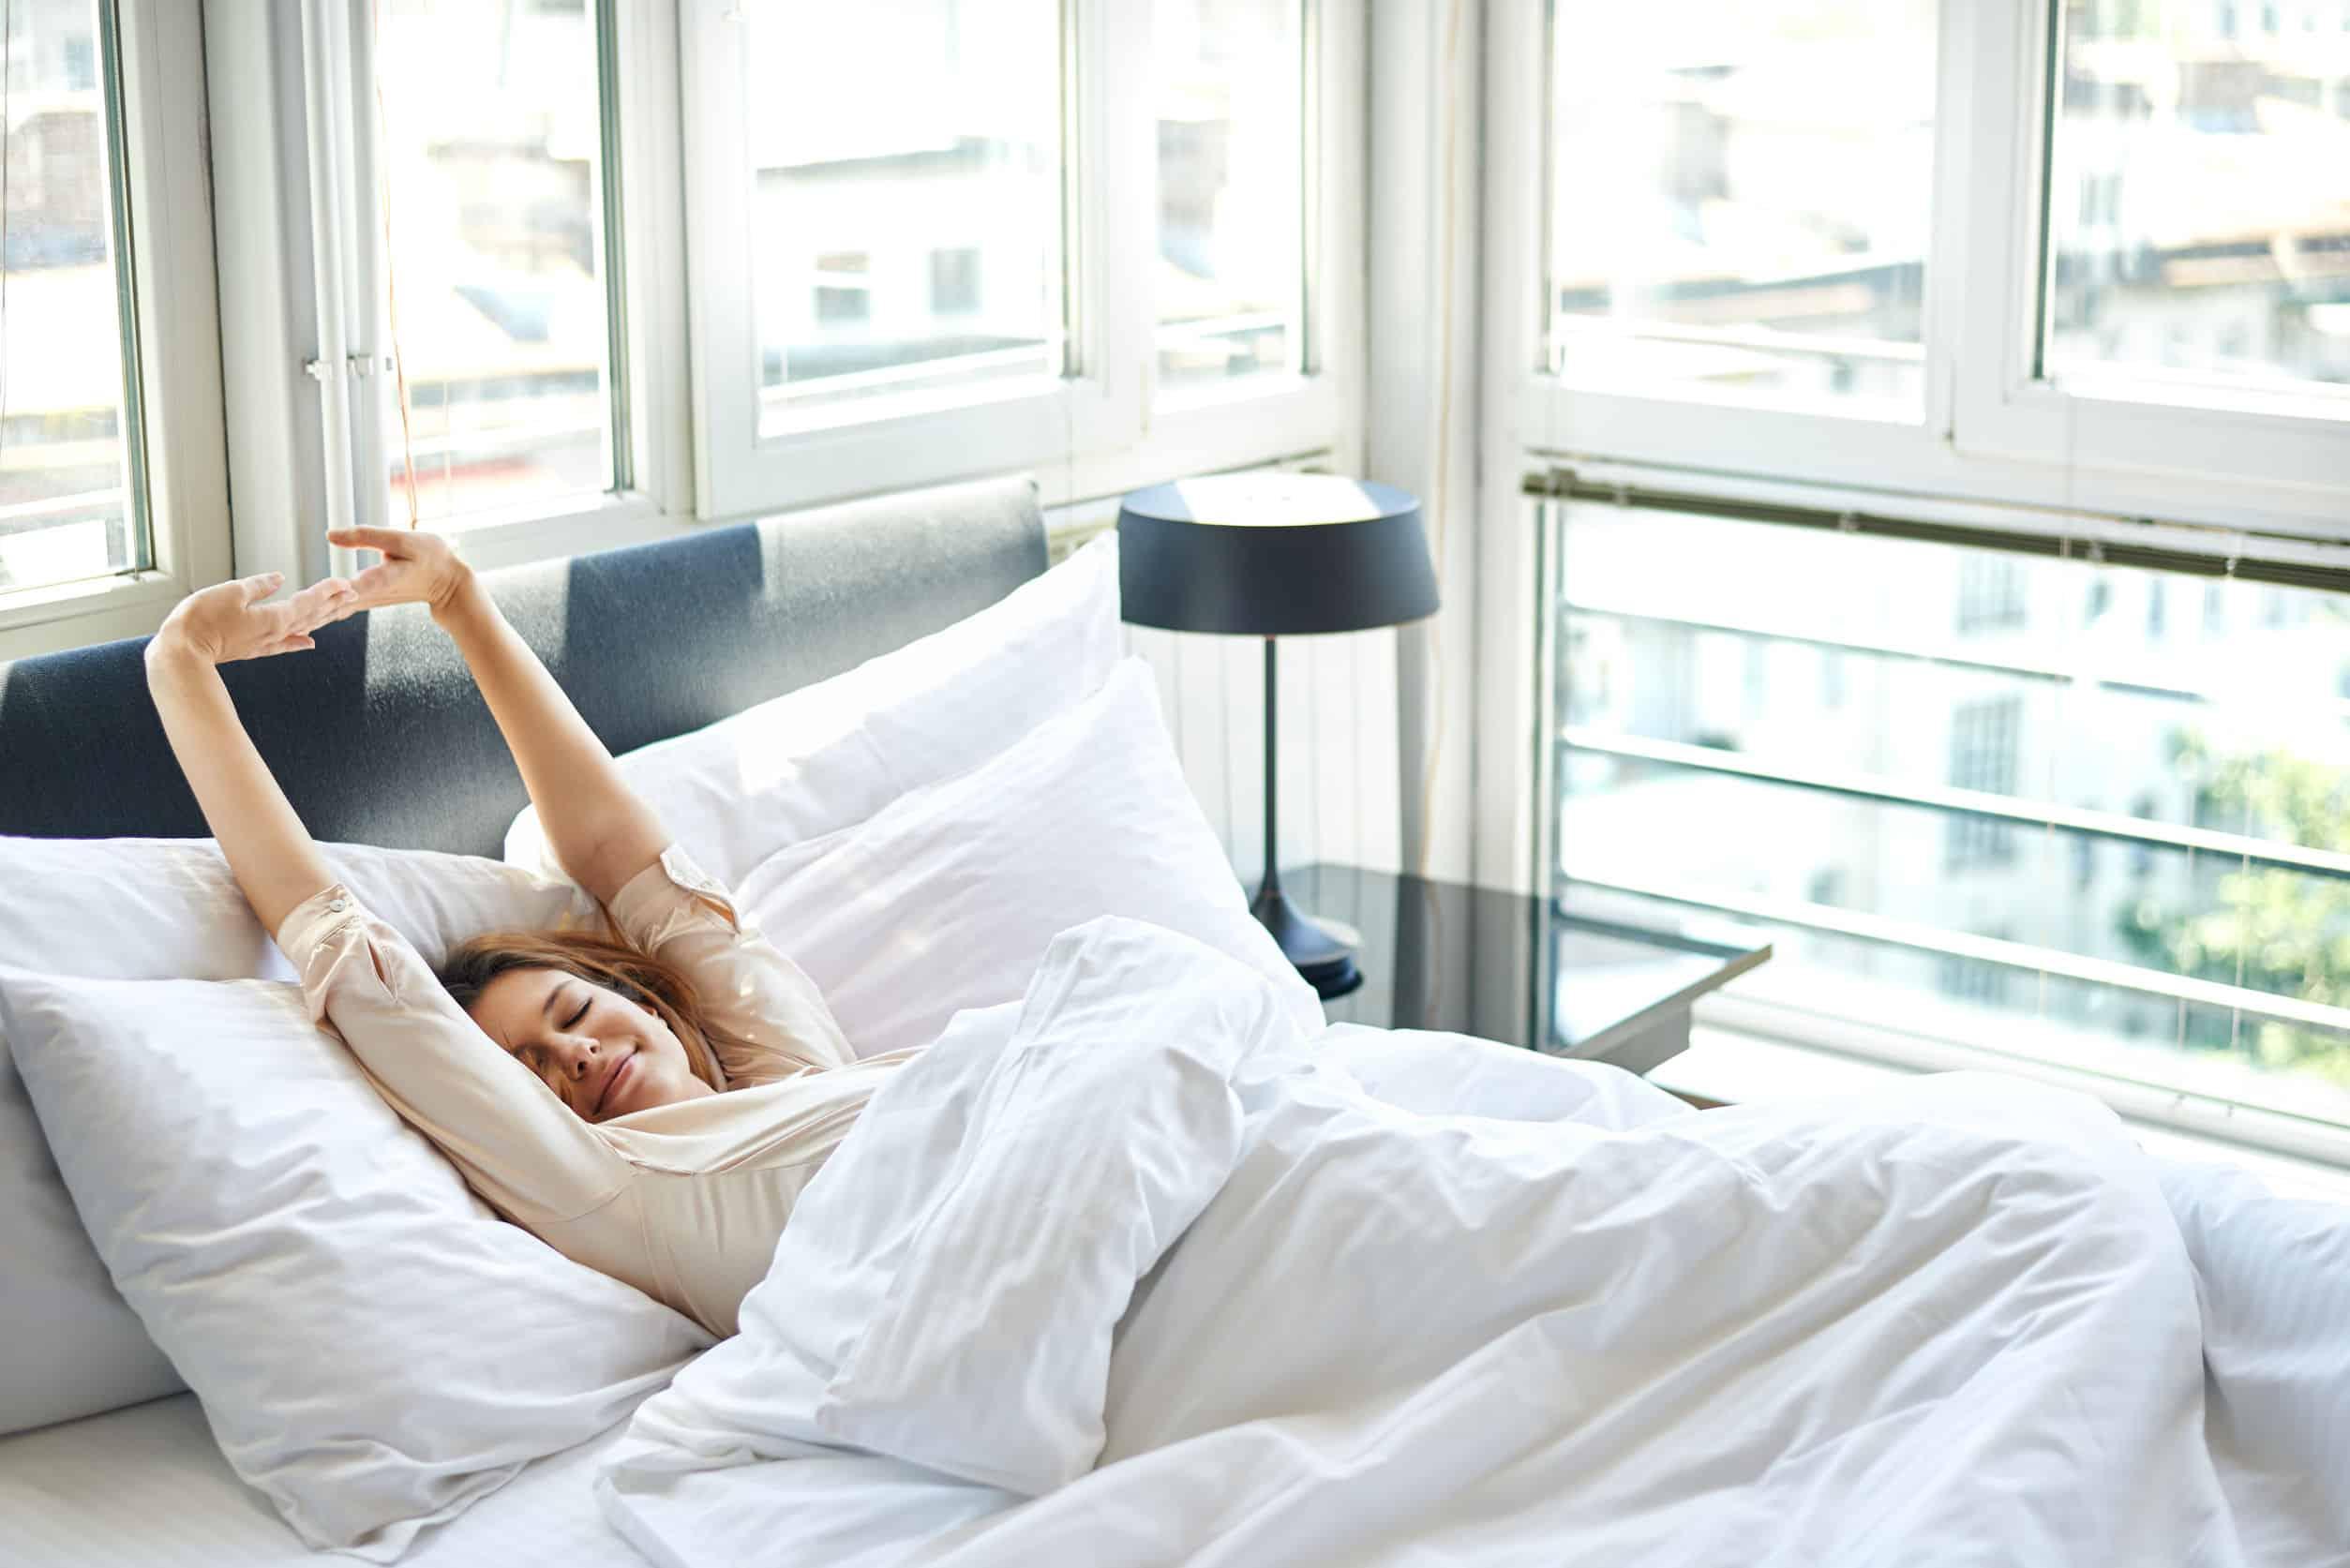 Full Size of Gebrauchte Betten 140x200 Kaufen Gunstig Gebrauchtes Bett Online Ebay Billige Test Empfehlungen 02 20 Musterring Outdoor Küche Weiß Somnus Günstig Meise Ruf Bett Betten Kaufen 140x200